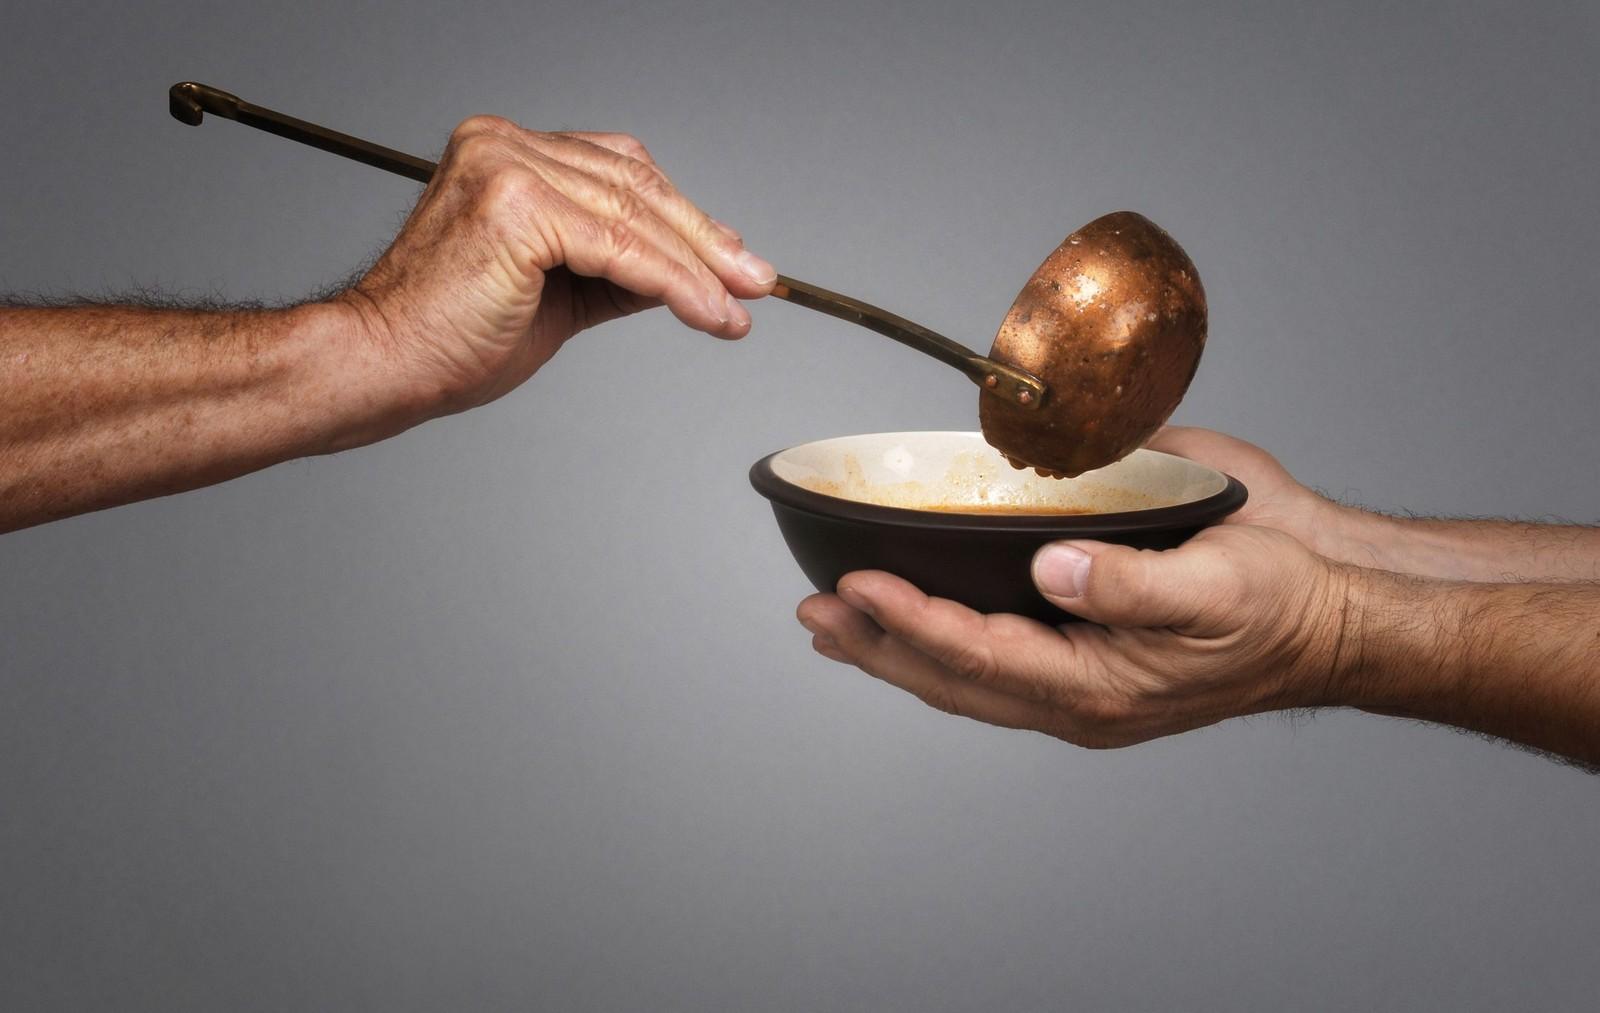 mano sirviendo un plato fondo